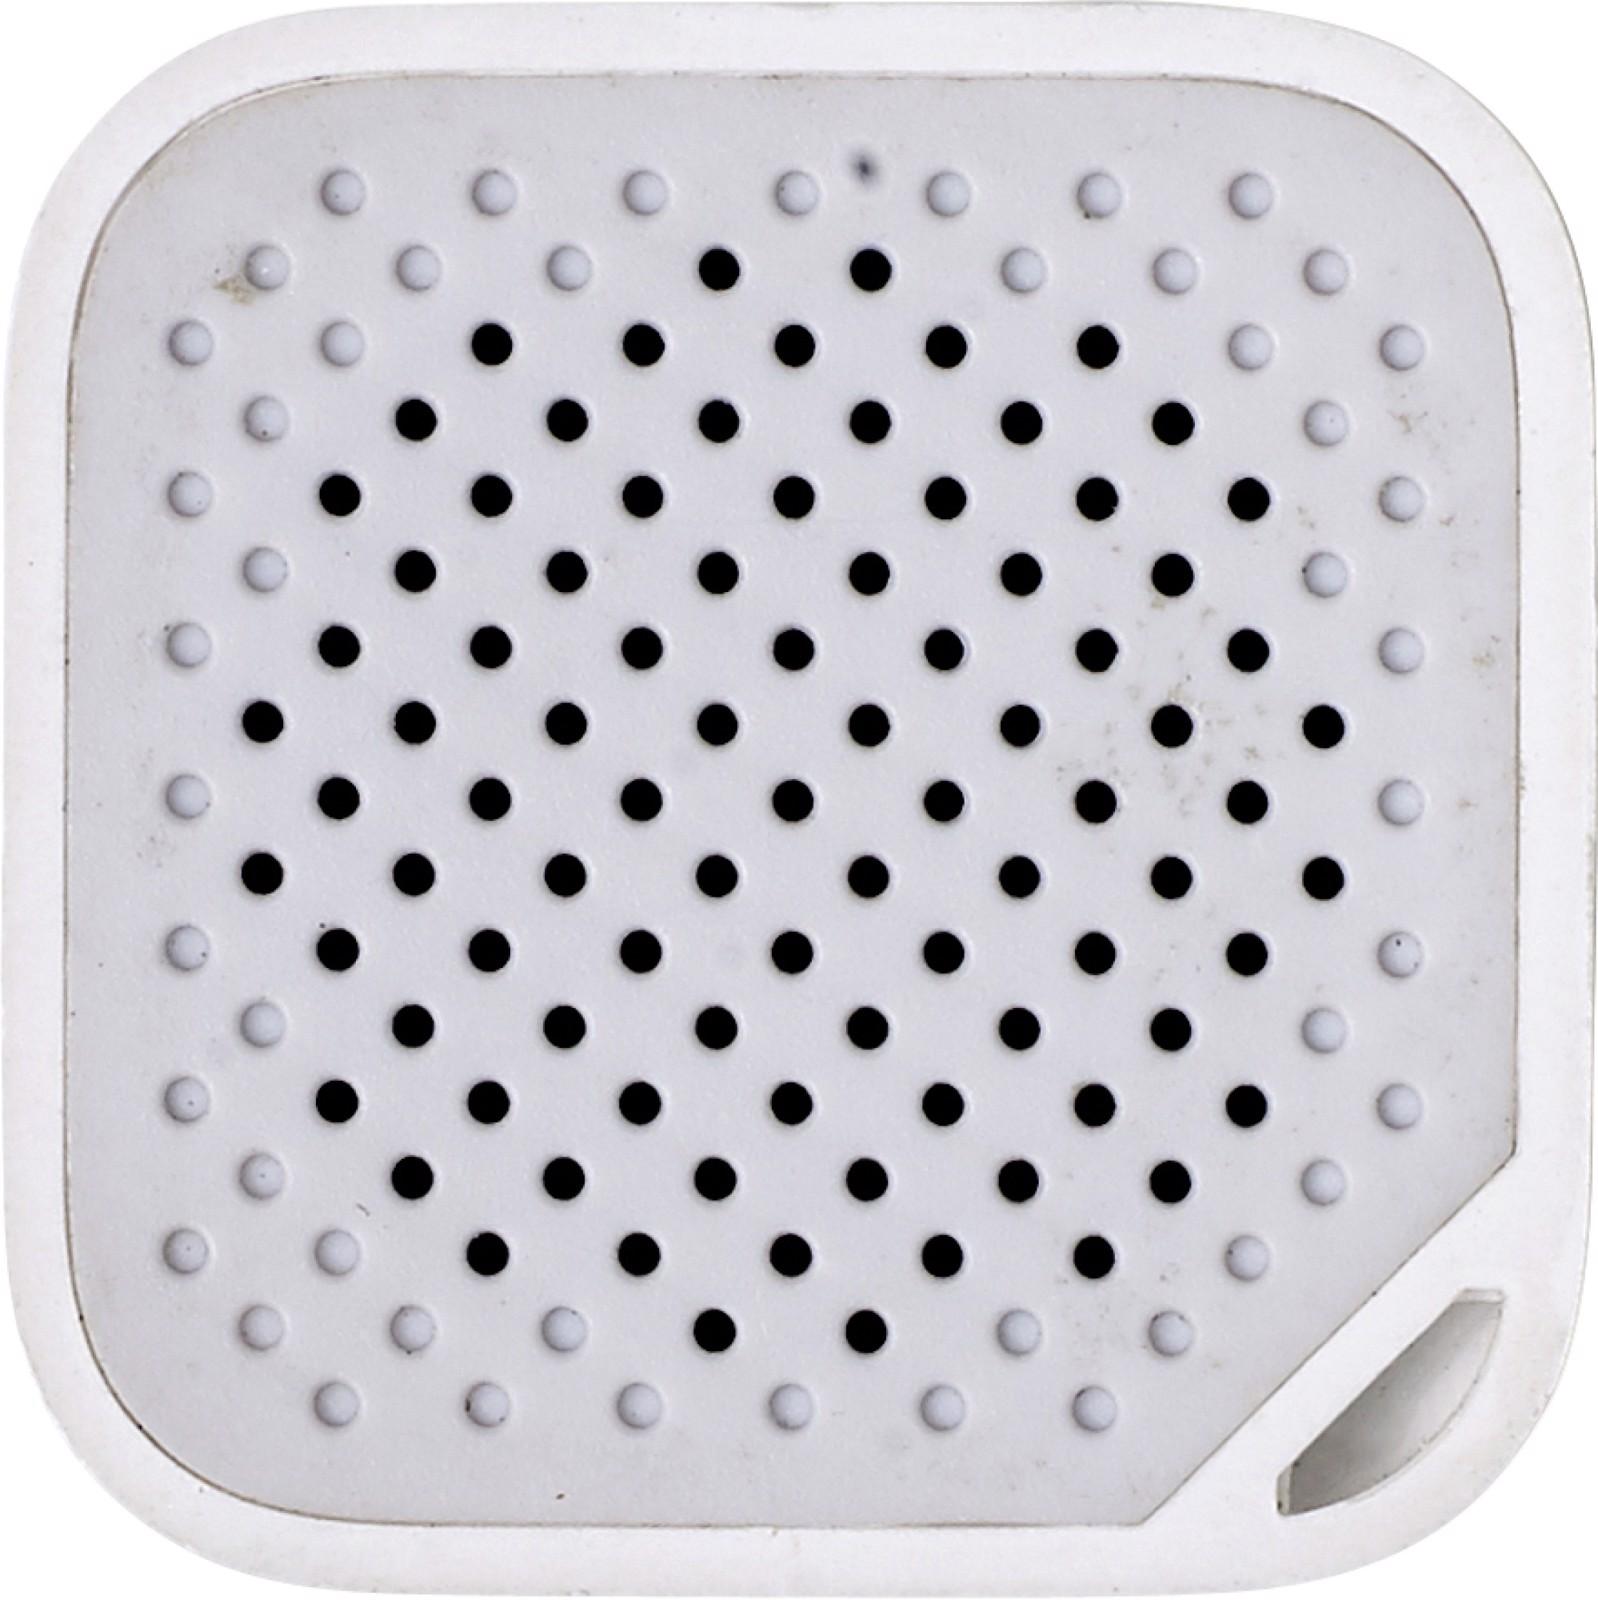 ABS 2-in-1 speaker - White